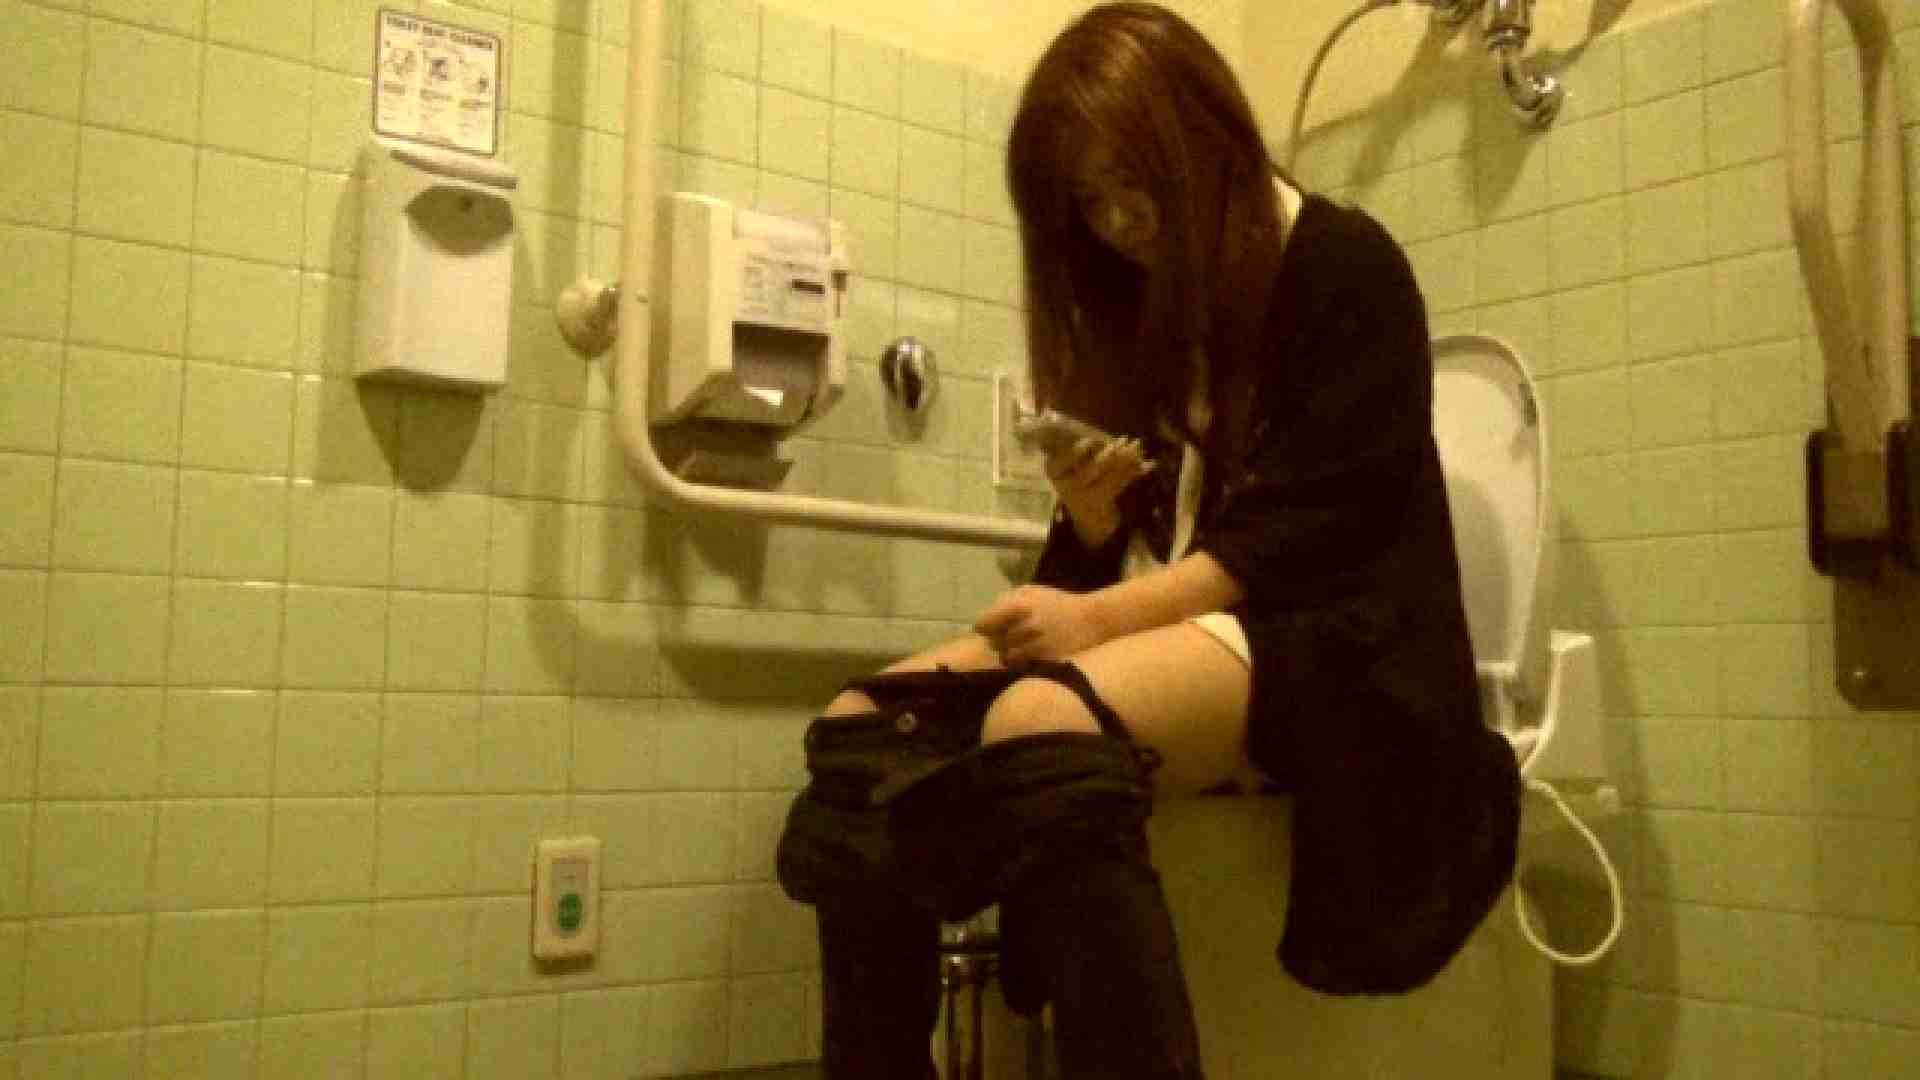 魔術師の お・も・て・な・し vol.26 19歳のバーの店員さんの洗面所をしばし… 洗面所  60枚 47